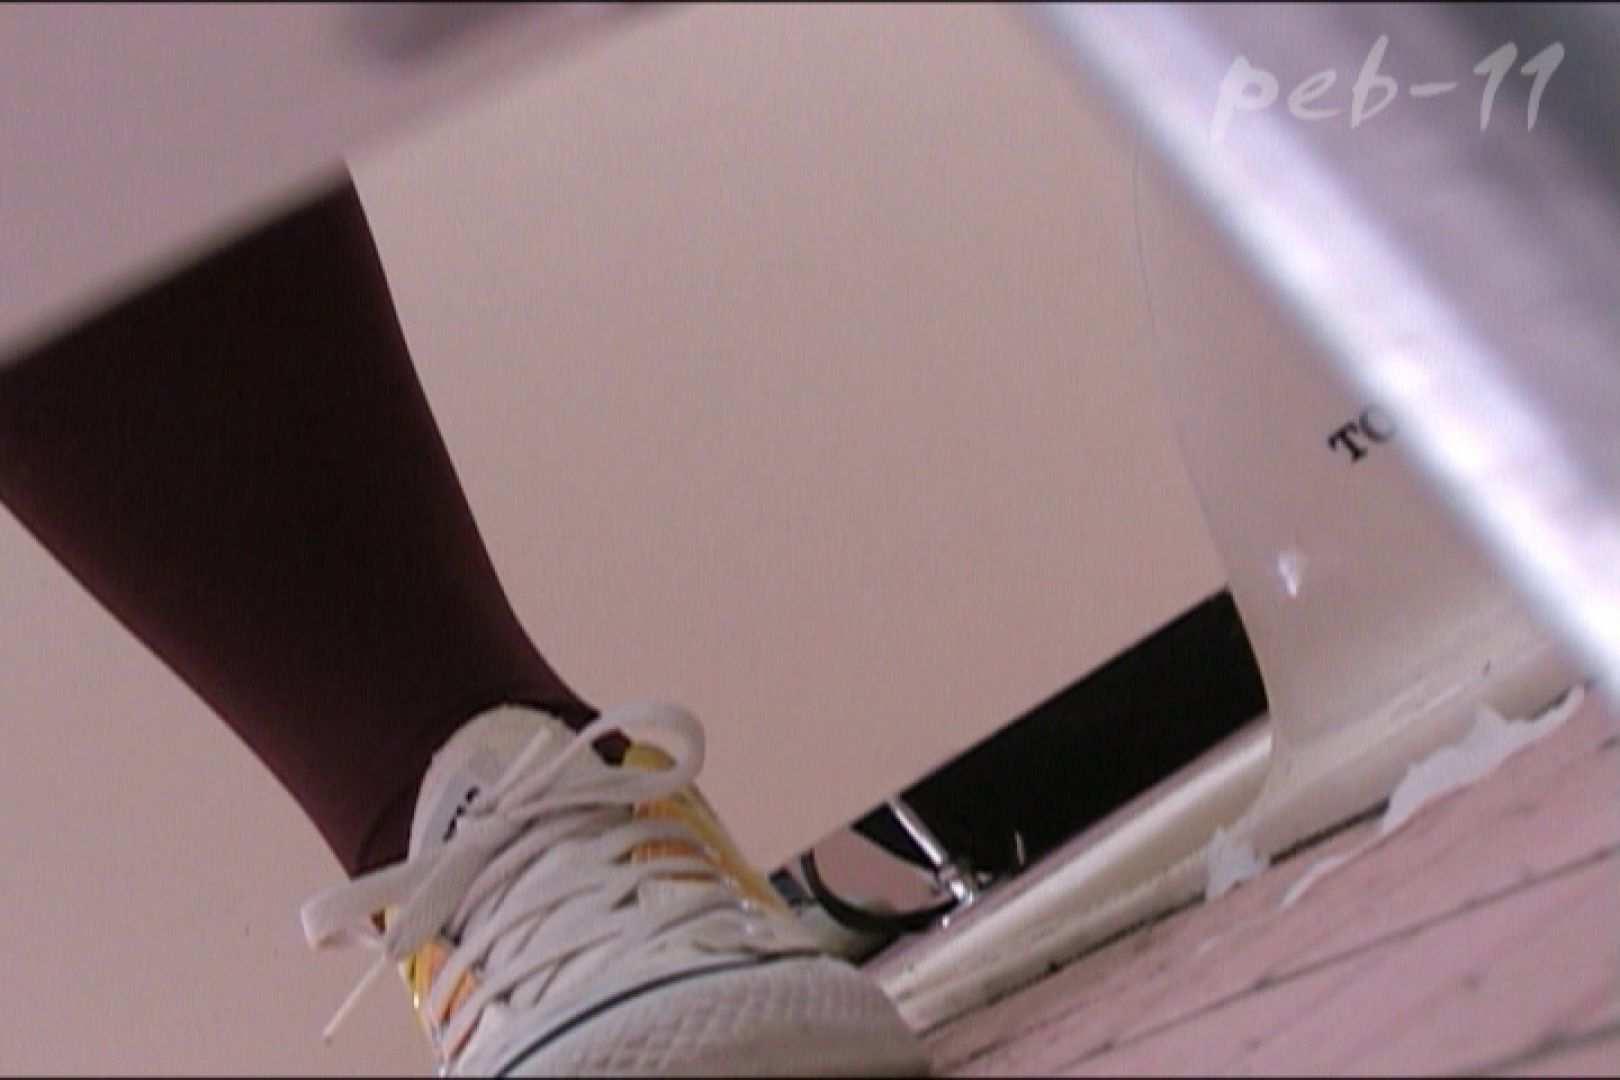 期間限定 マンコ丸見え!体育館潜入撮File011 投稿 盗撮AV動画キャプチャ 71連発 17